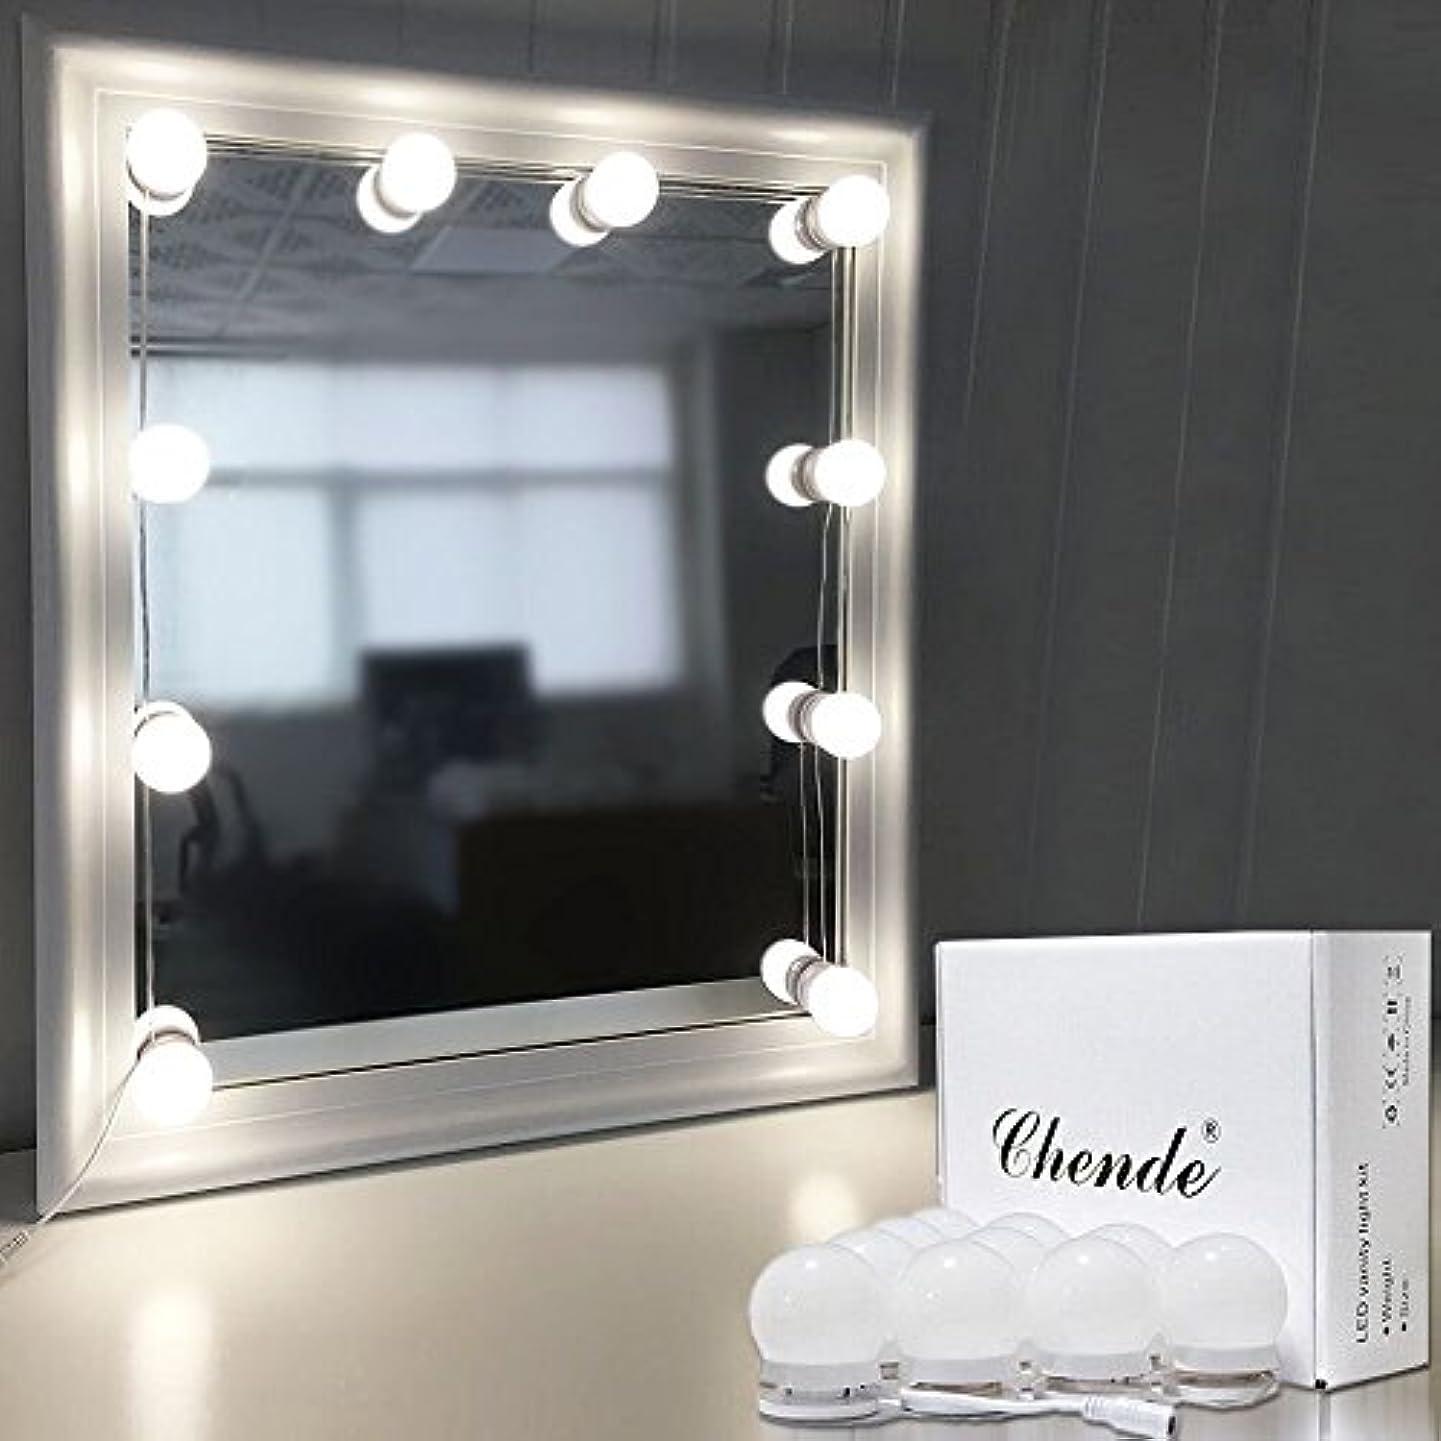 フォークナラーバー考えるChende 女優ライト 14個LED電球 ハリウッドスタイル 簡単にDIY 無階段調光 省エネ 防水レベルIP65 PSE電気認証 ドレッサー 化粧台 洗面台 … (14個ライト)